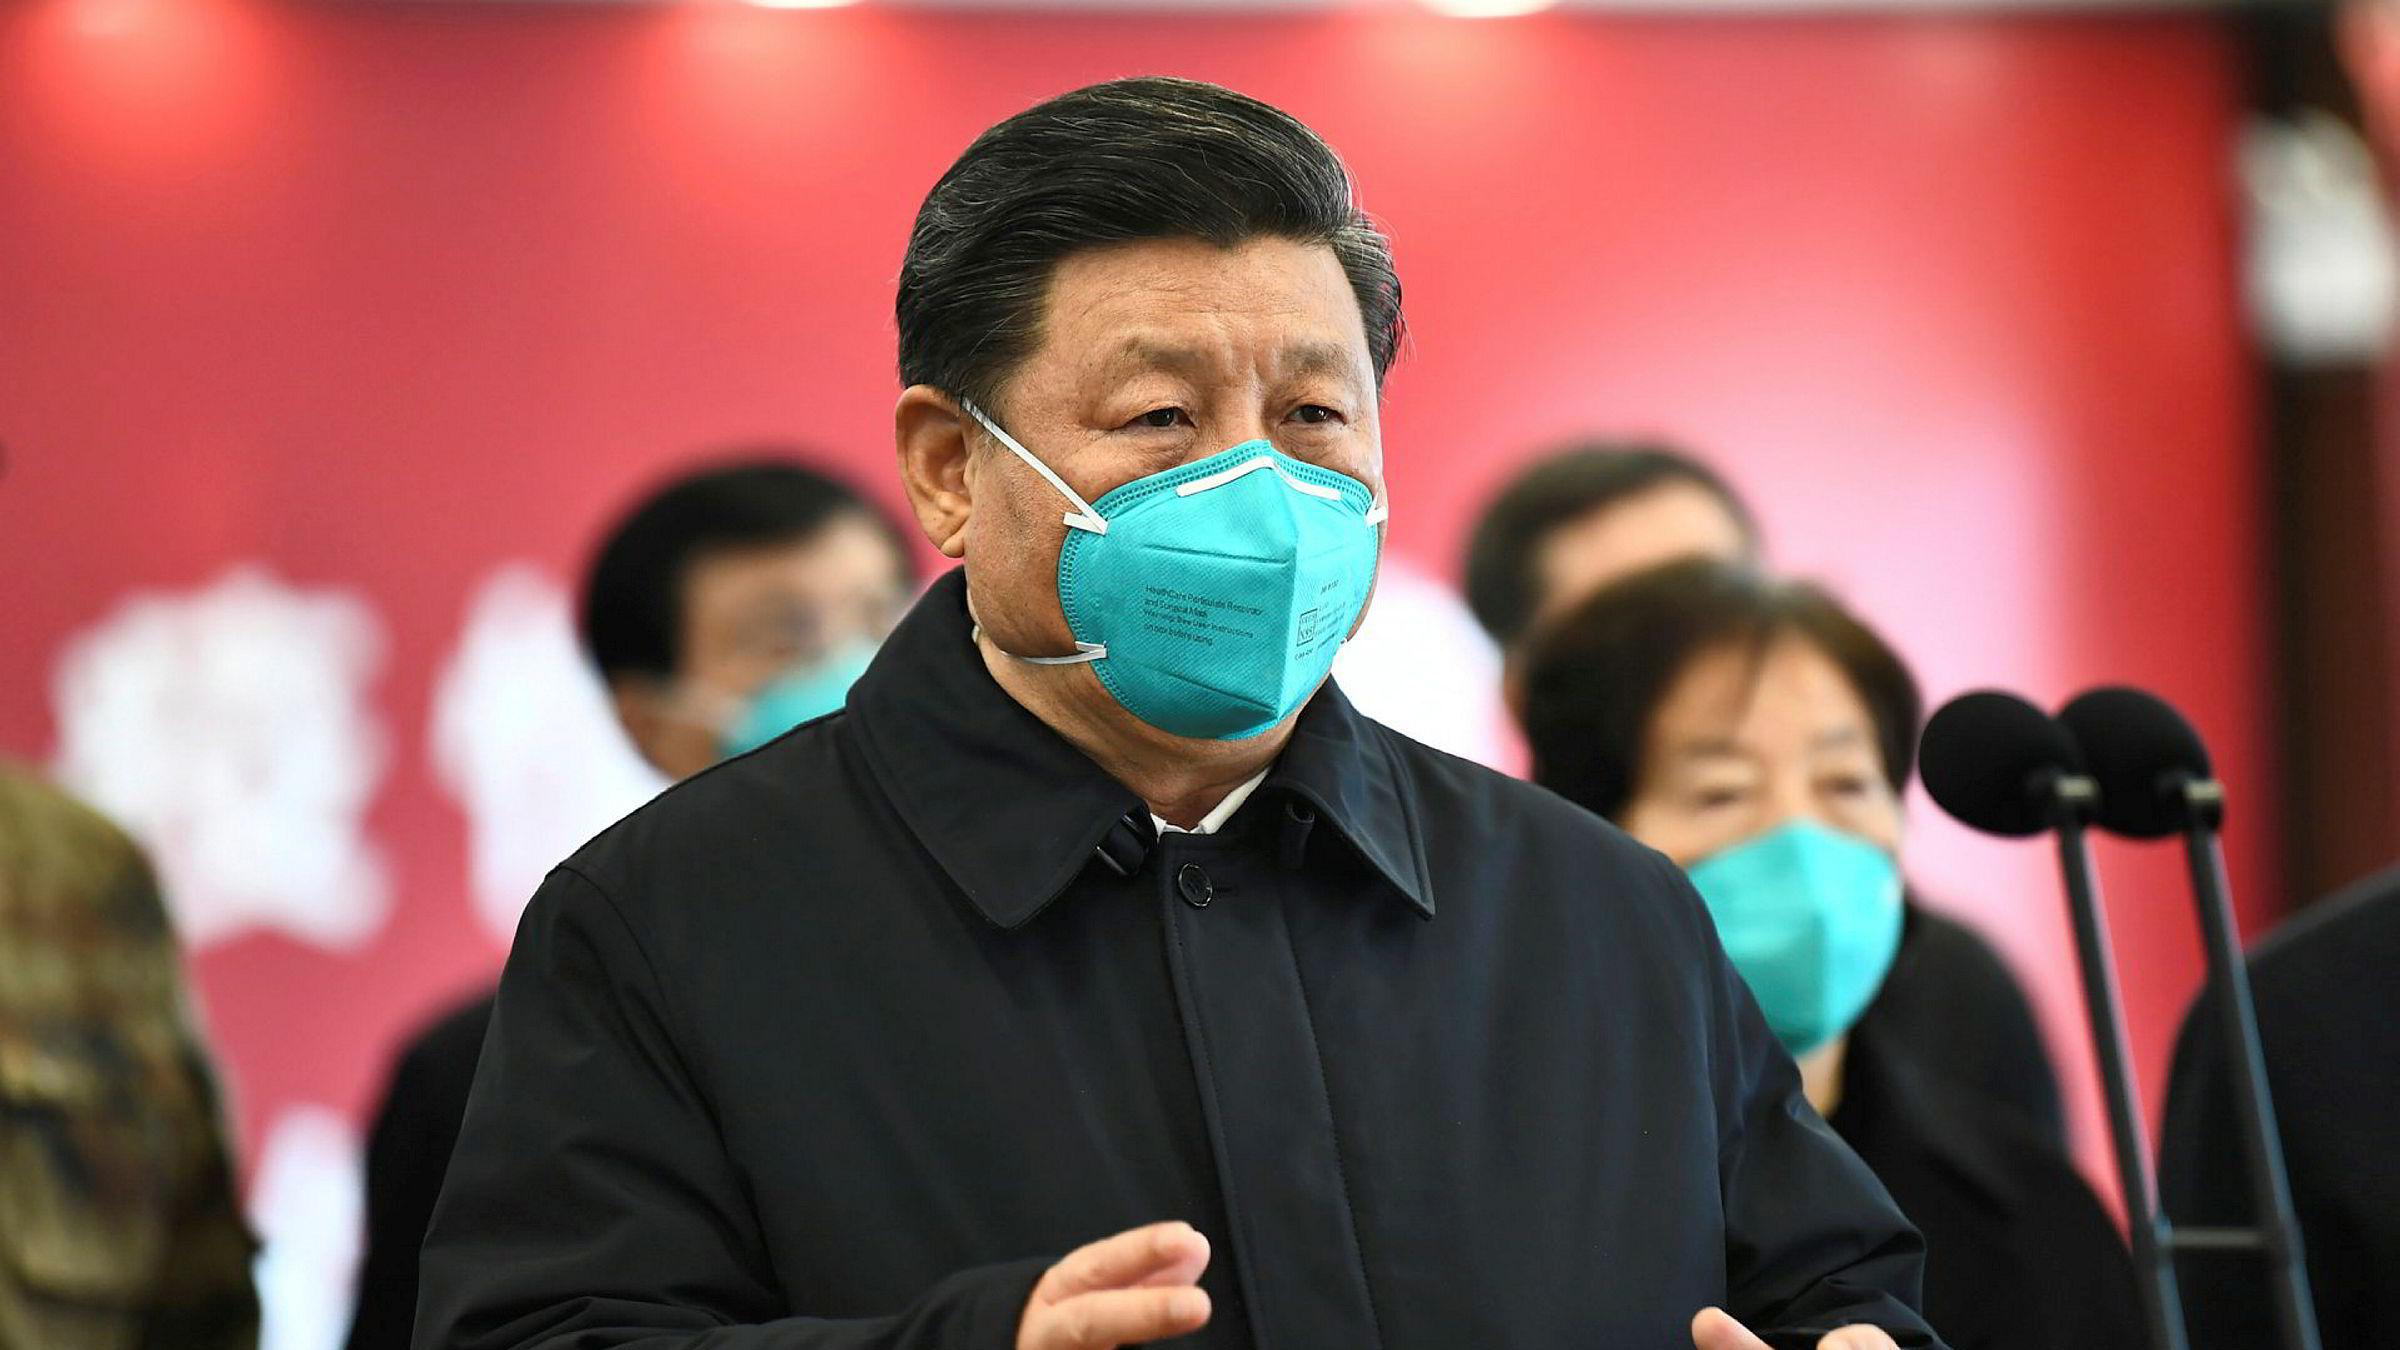 Kina overrakte offisielt tirsdag medisinsk utstyr til New York og uttalte at tiden er inne for samarbeid, ikke polarisering. På bildet er Kinas president Xi Jinping da han talte til helsearbeidere og pasienter ved et sykehus i mars.